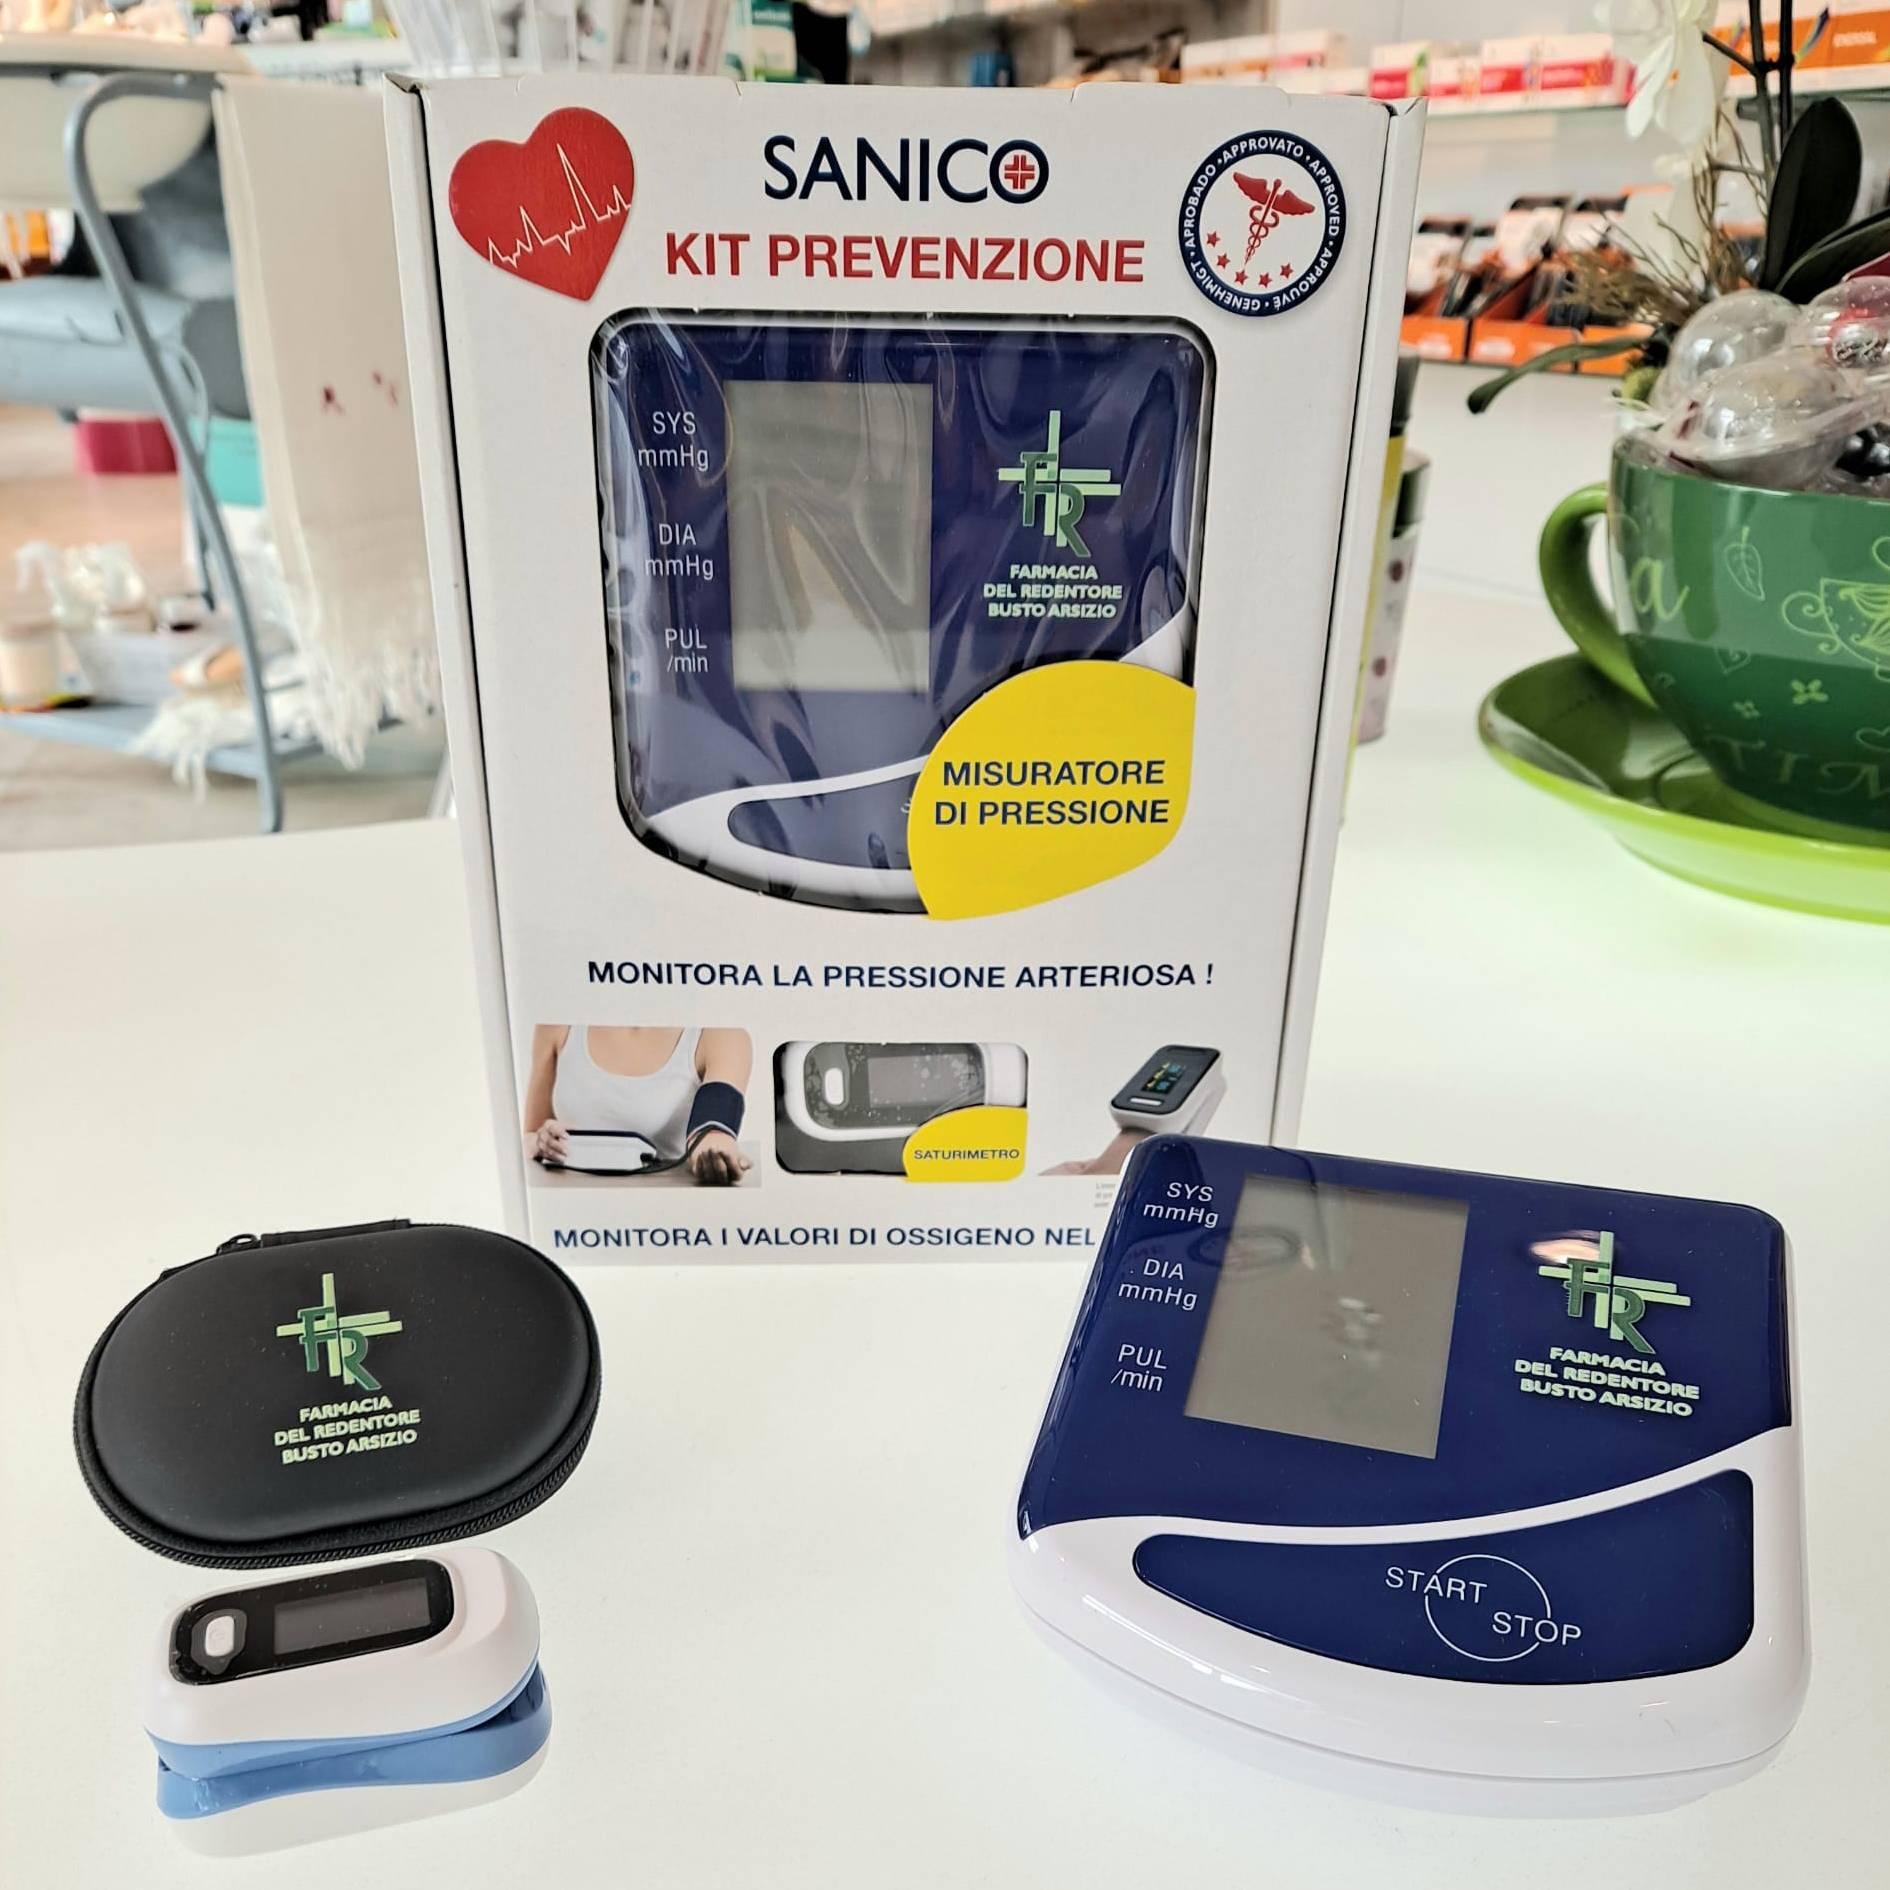 Kit prevenzione misuratore pressione e saturimetro